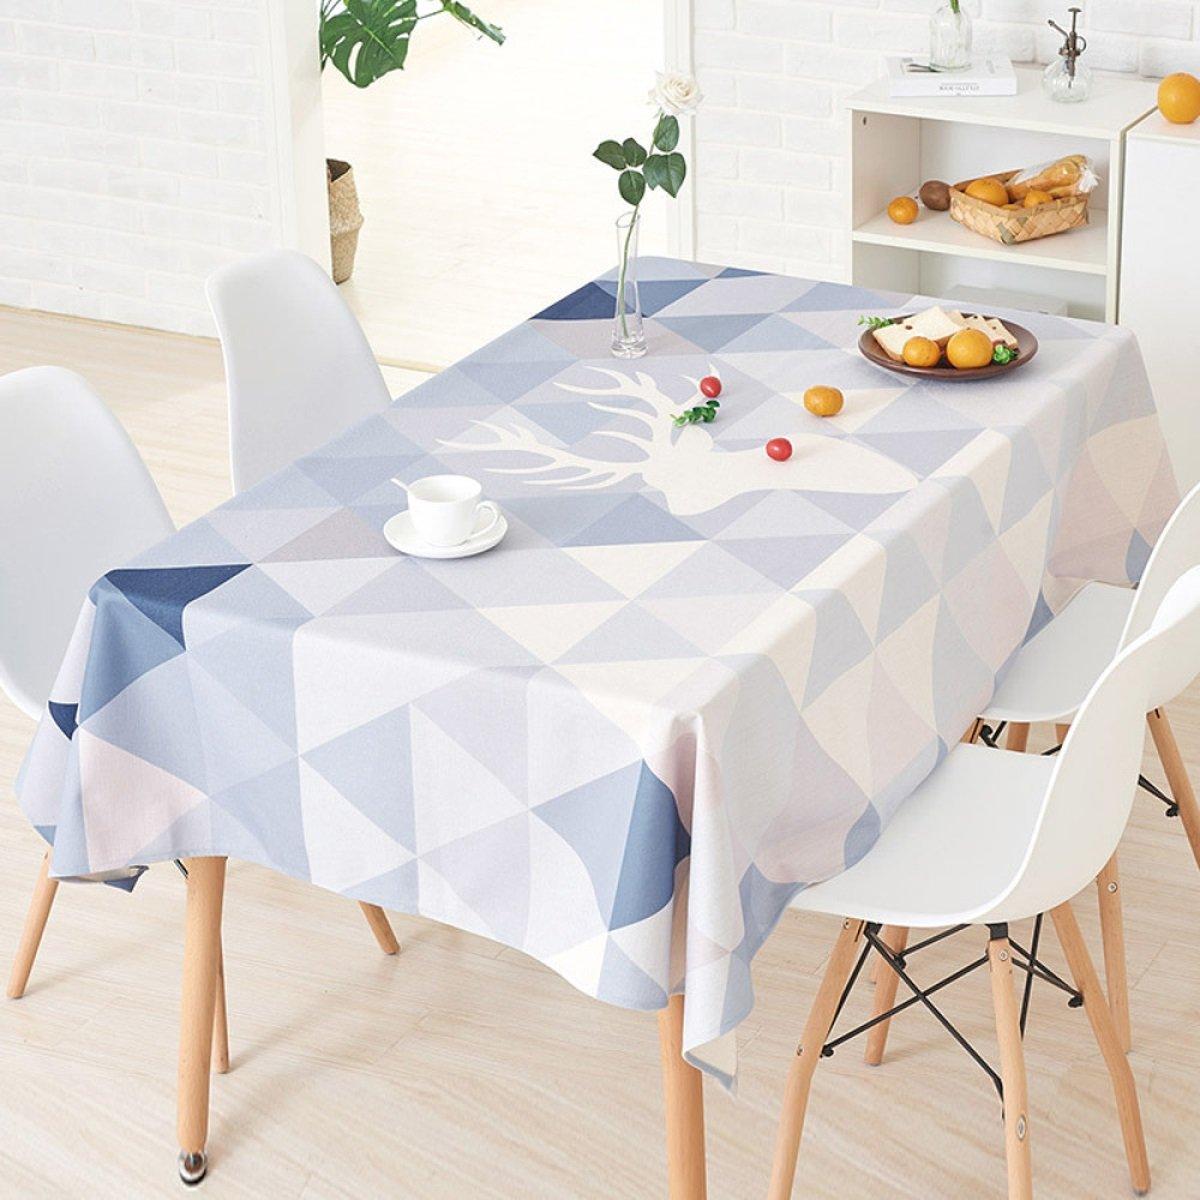 D 140200cm (55.178.7in) TAO NAPPES Tissu Coureurs Table à Thé Tissu Coton Nappe Rectangulaire Cuisine Maison Maison Nappe Décor à La Maison Bar Café Usure Résistant (Couleur   A, Taille   140  180cm (55.1  70.9in)